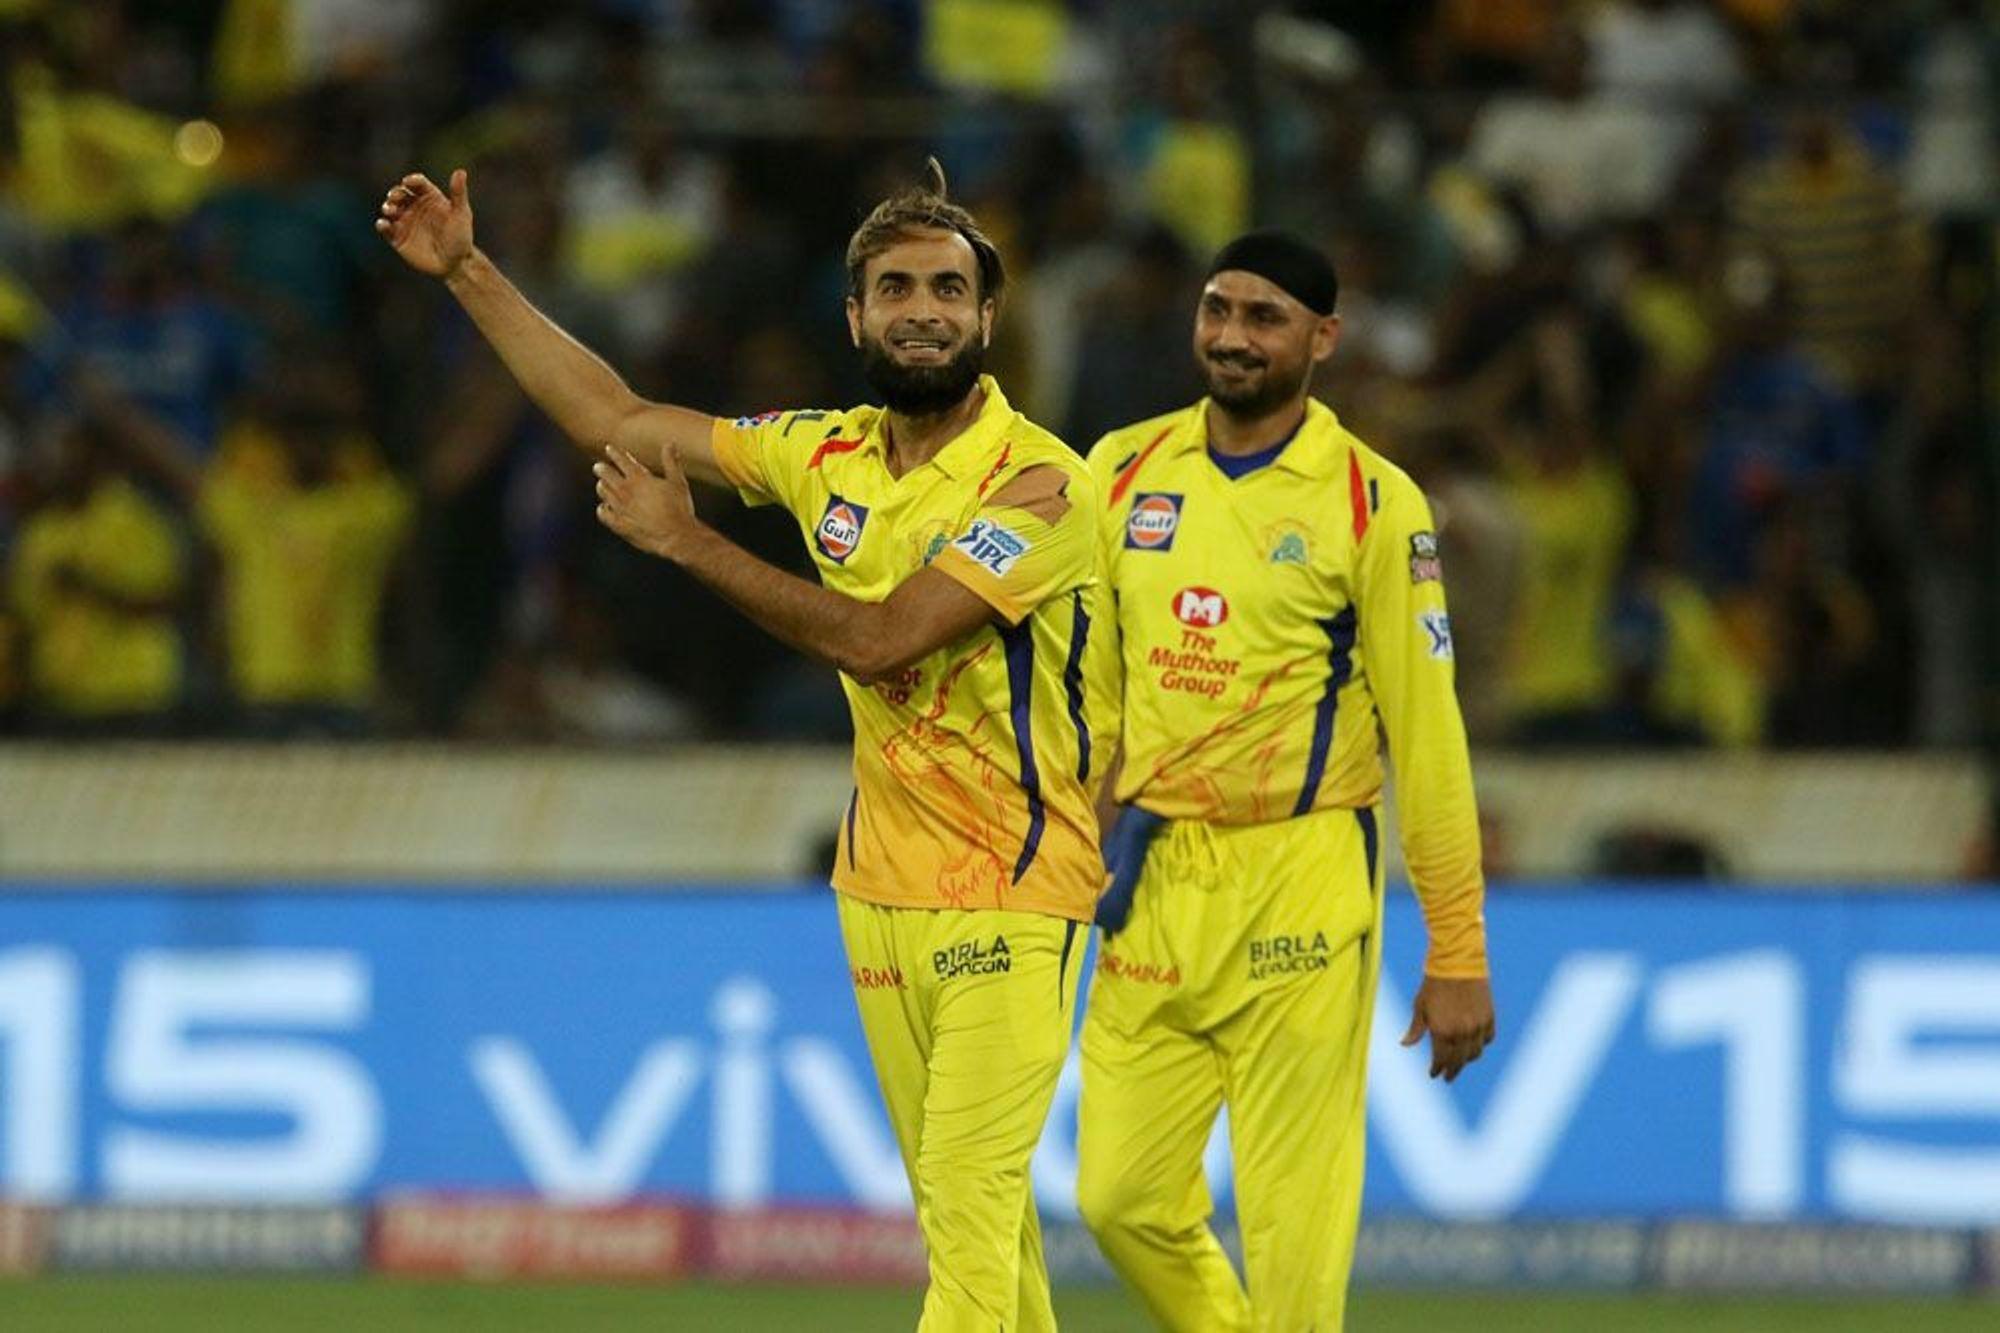 आईपीएल फाइनल: शानदार गेंदबाजी कर ट्विटर पर छाए इमरान ताहिर, मुंबई की हालत खस्ता 1